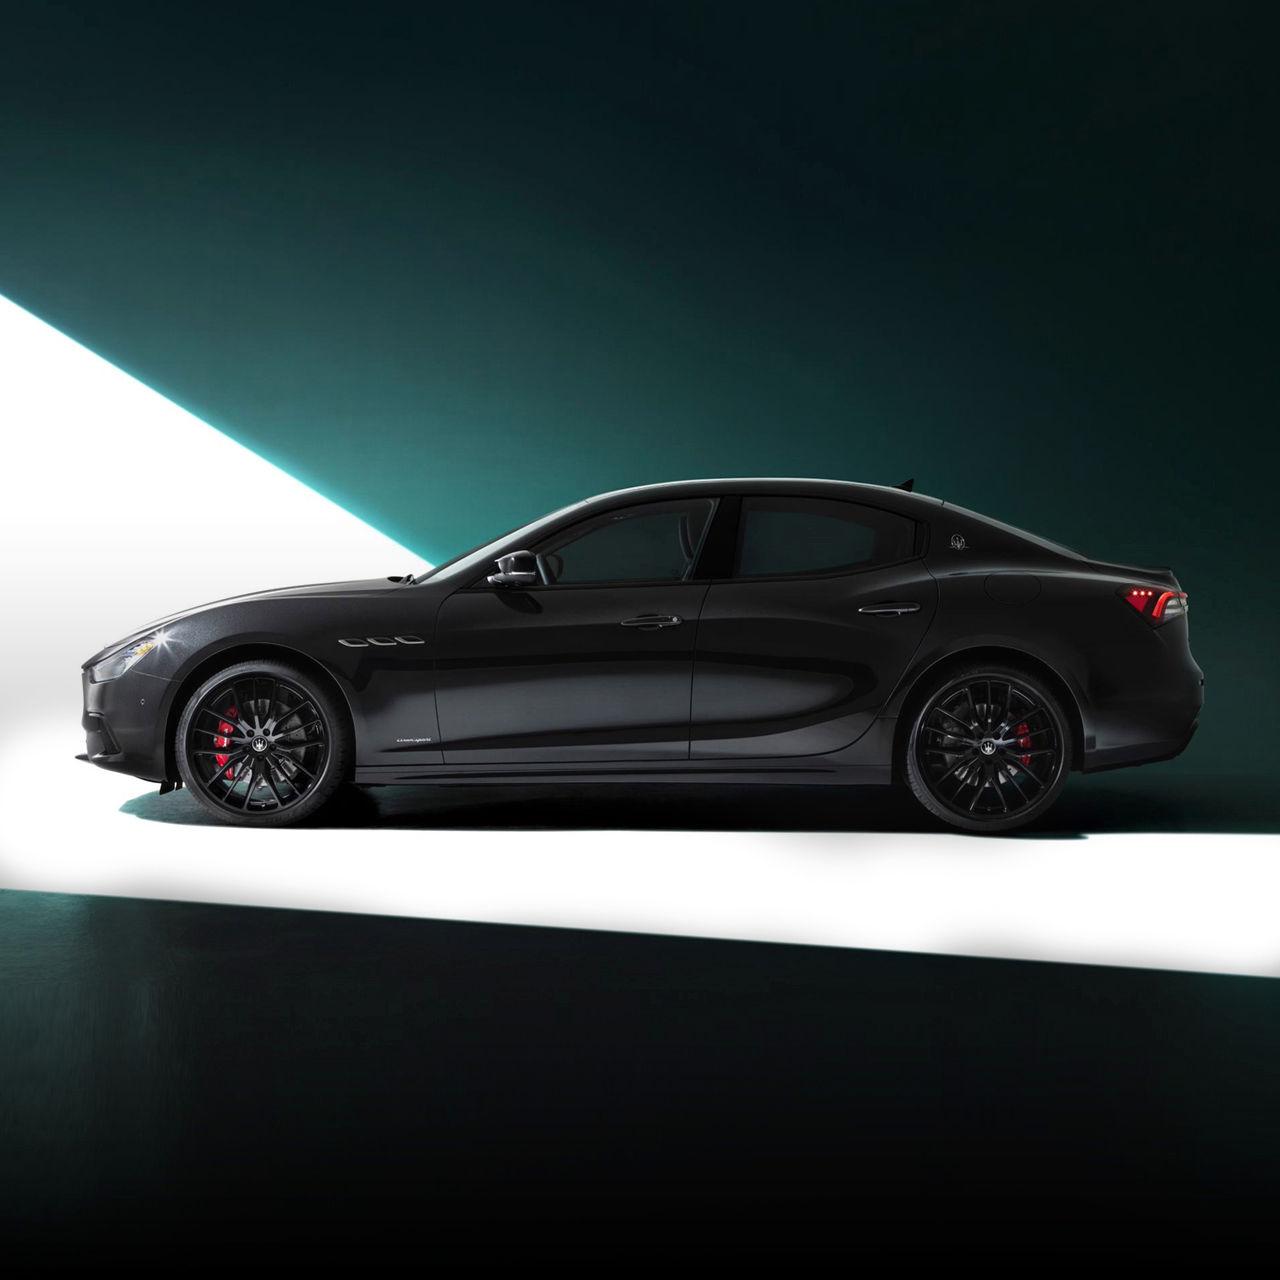 Maserati Ghibli - Schwarz - von der Seite